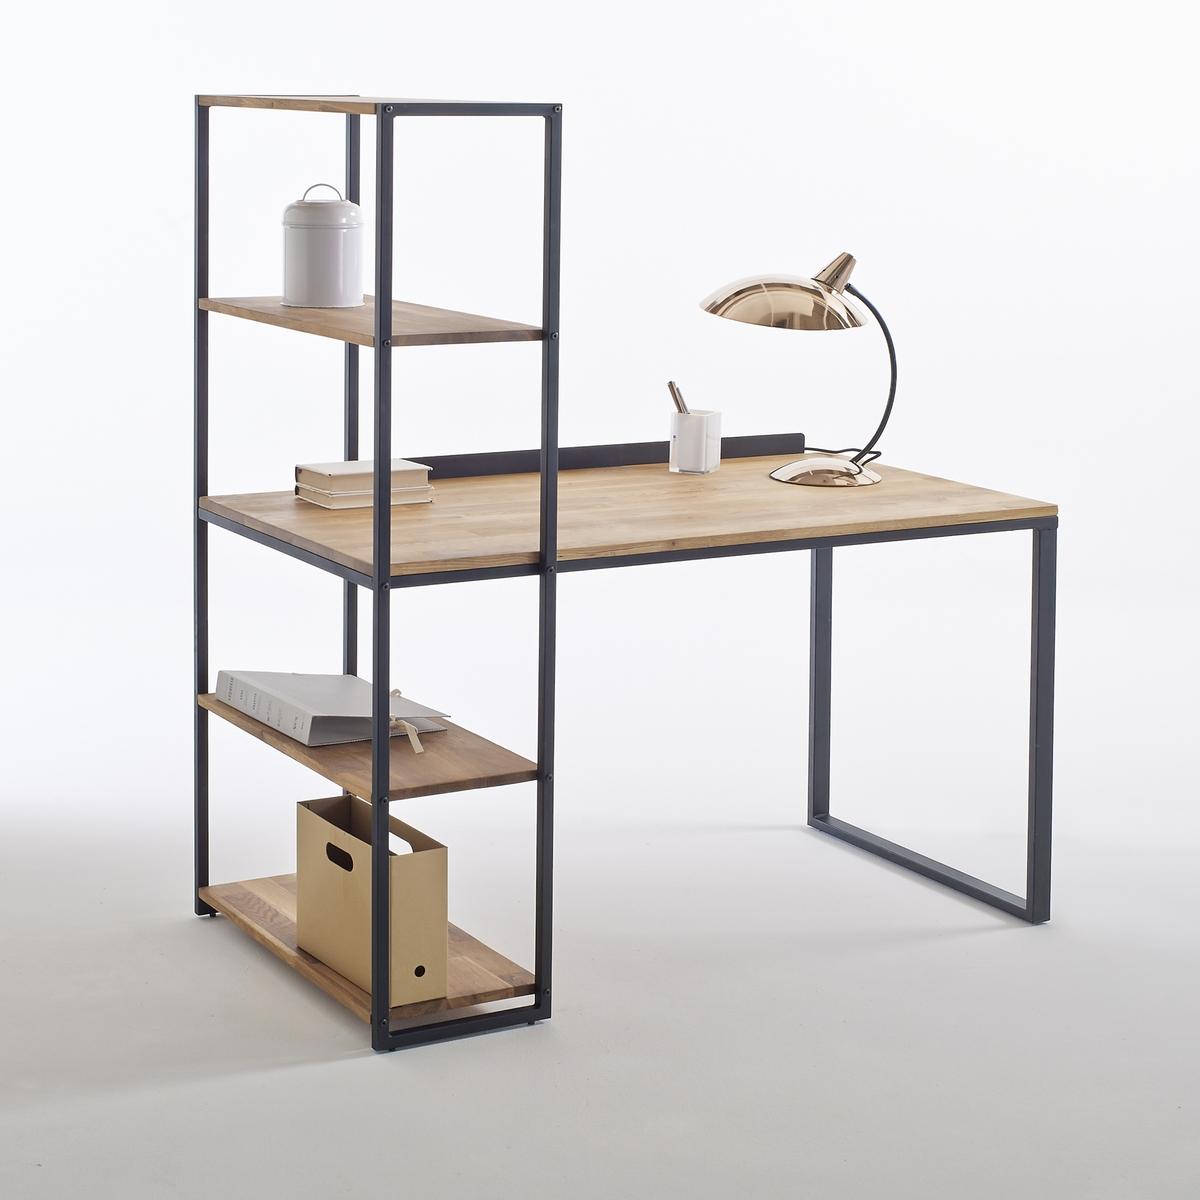 Стол La Redoute Письменный-шкаф из металла и массива дуба Hiba единый размер черный